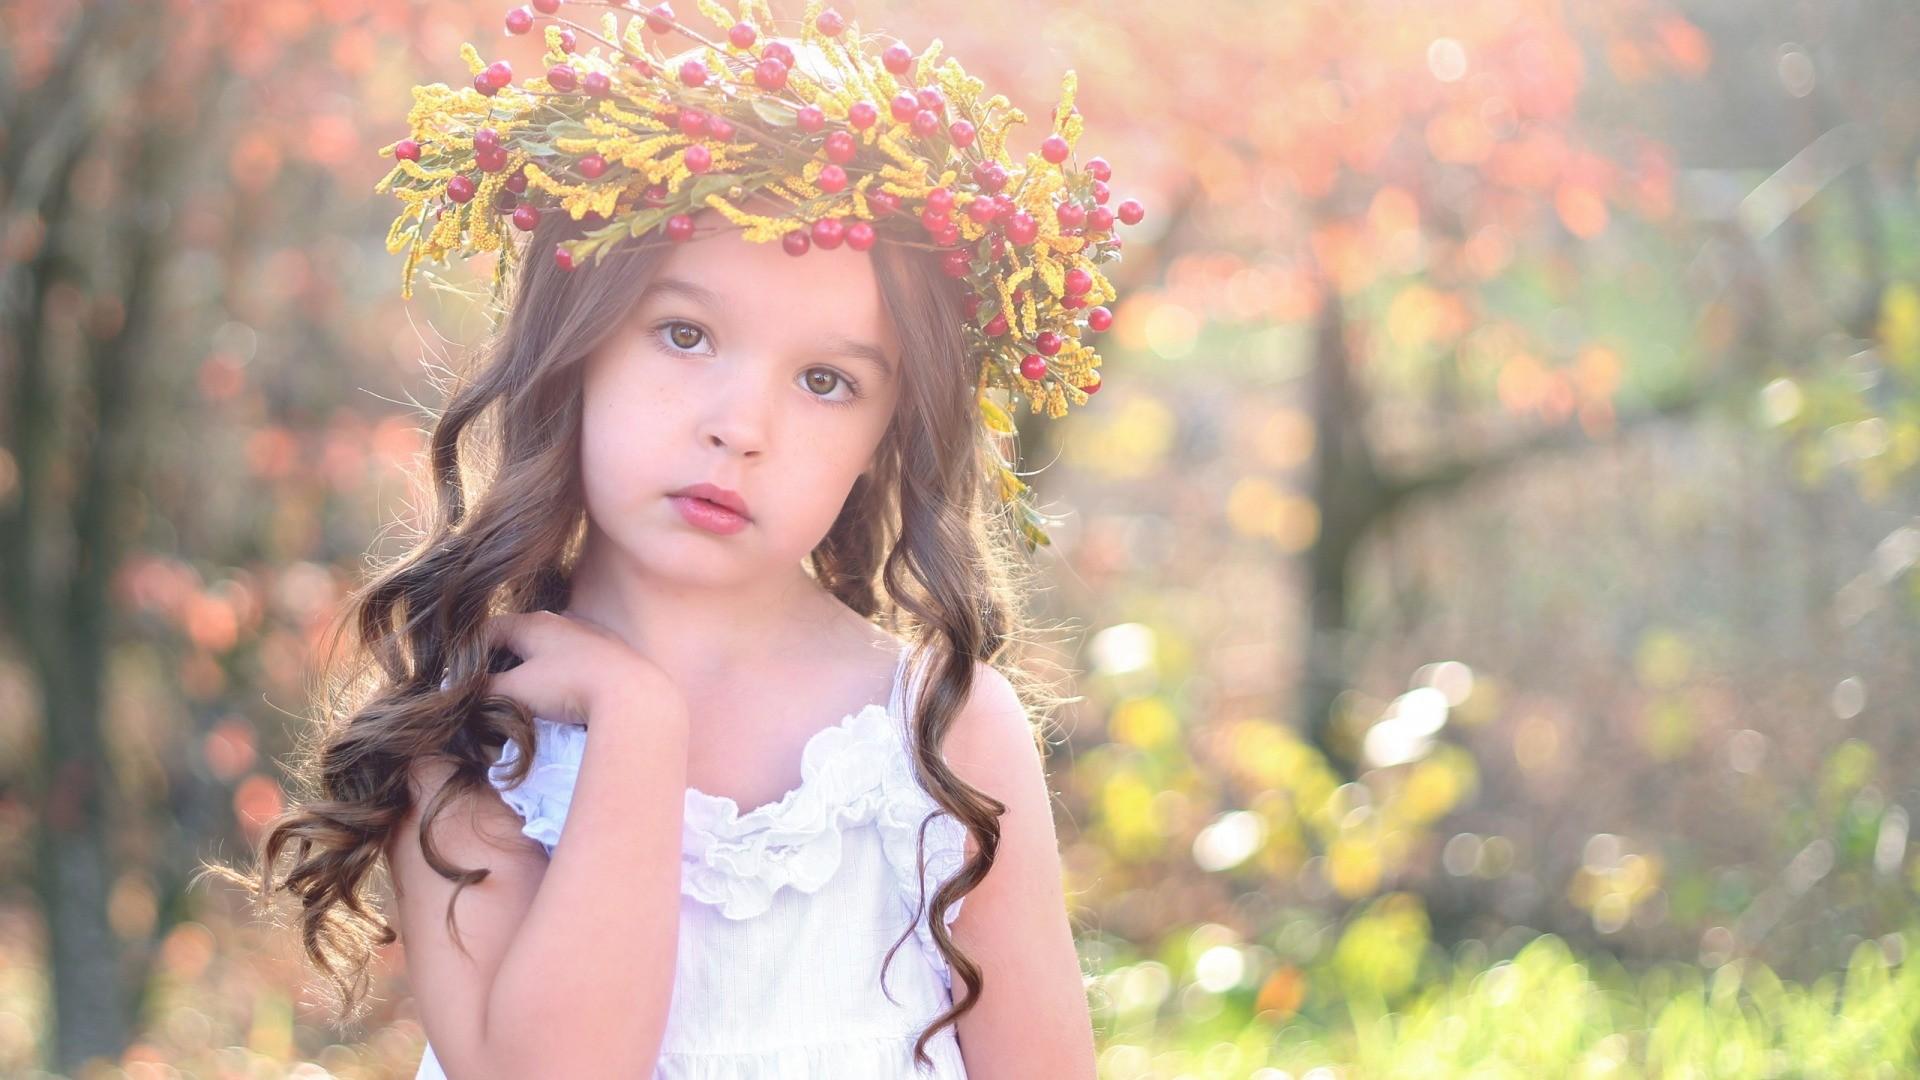 Фото пизда малинкая девочка 13 фотография